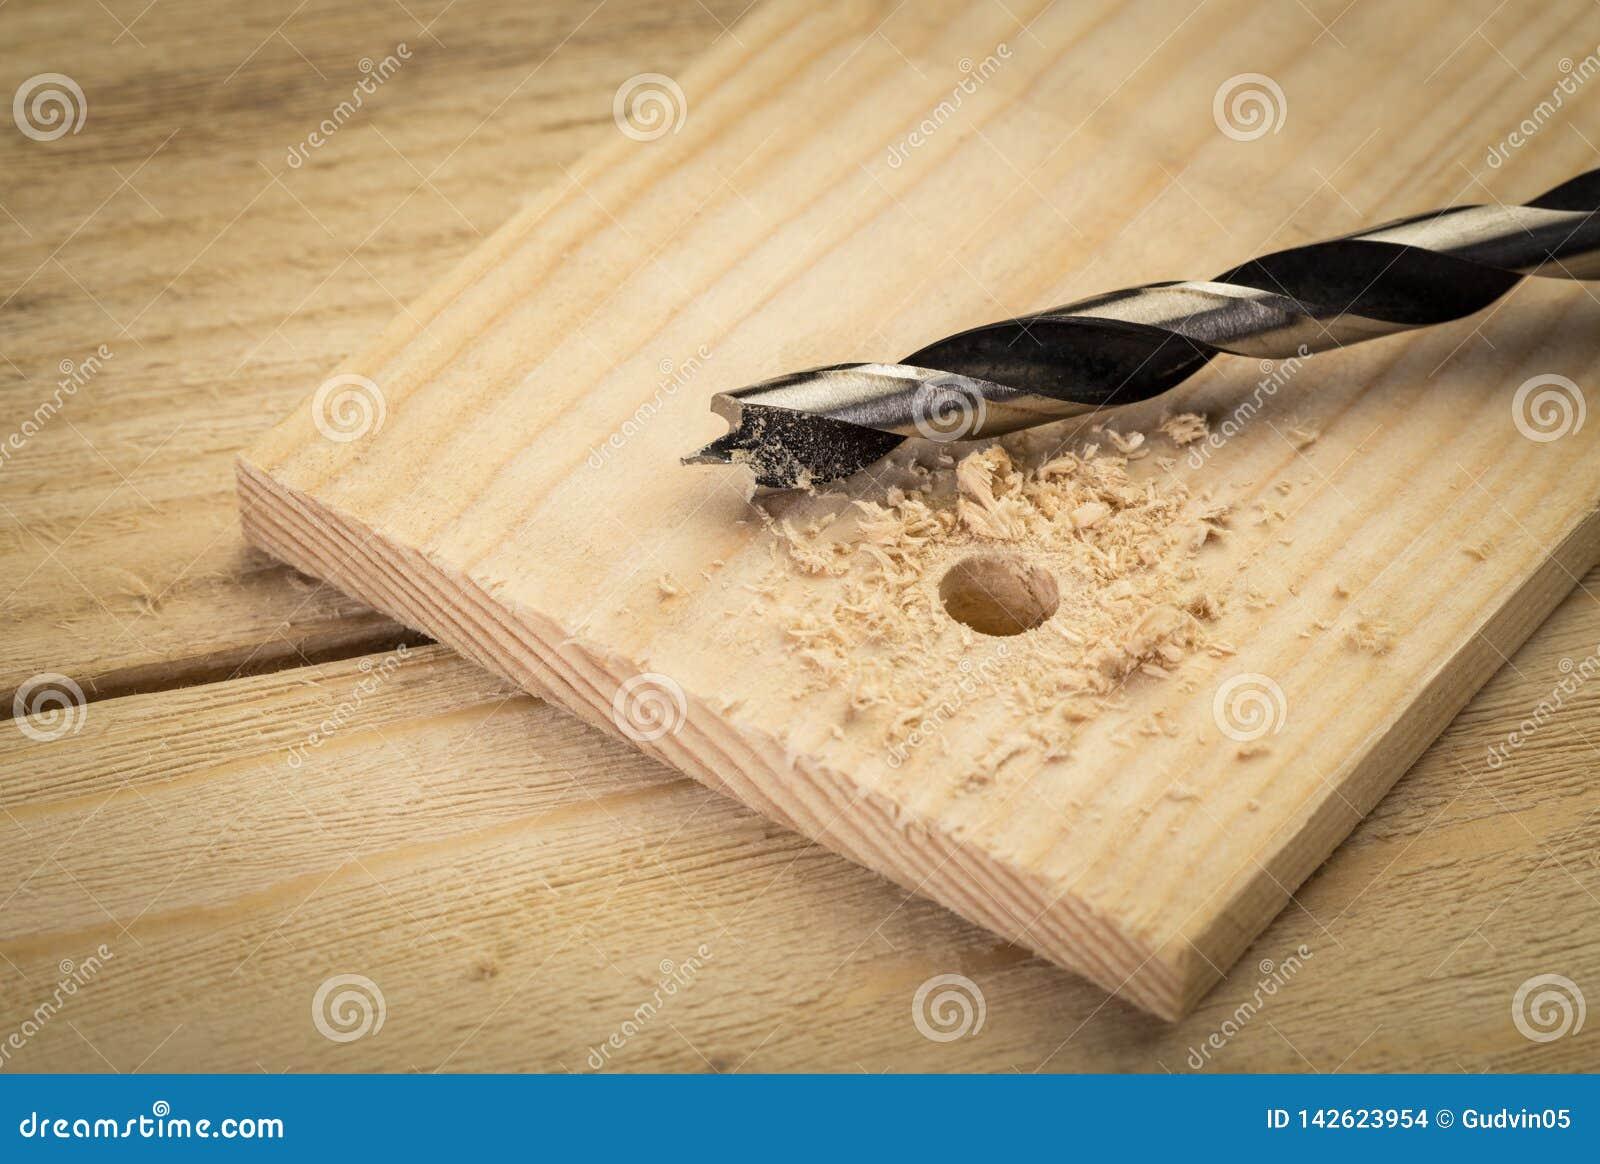 Peu de perceuse en métal sur le fond en bois Diy à la maison